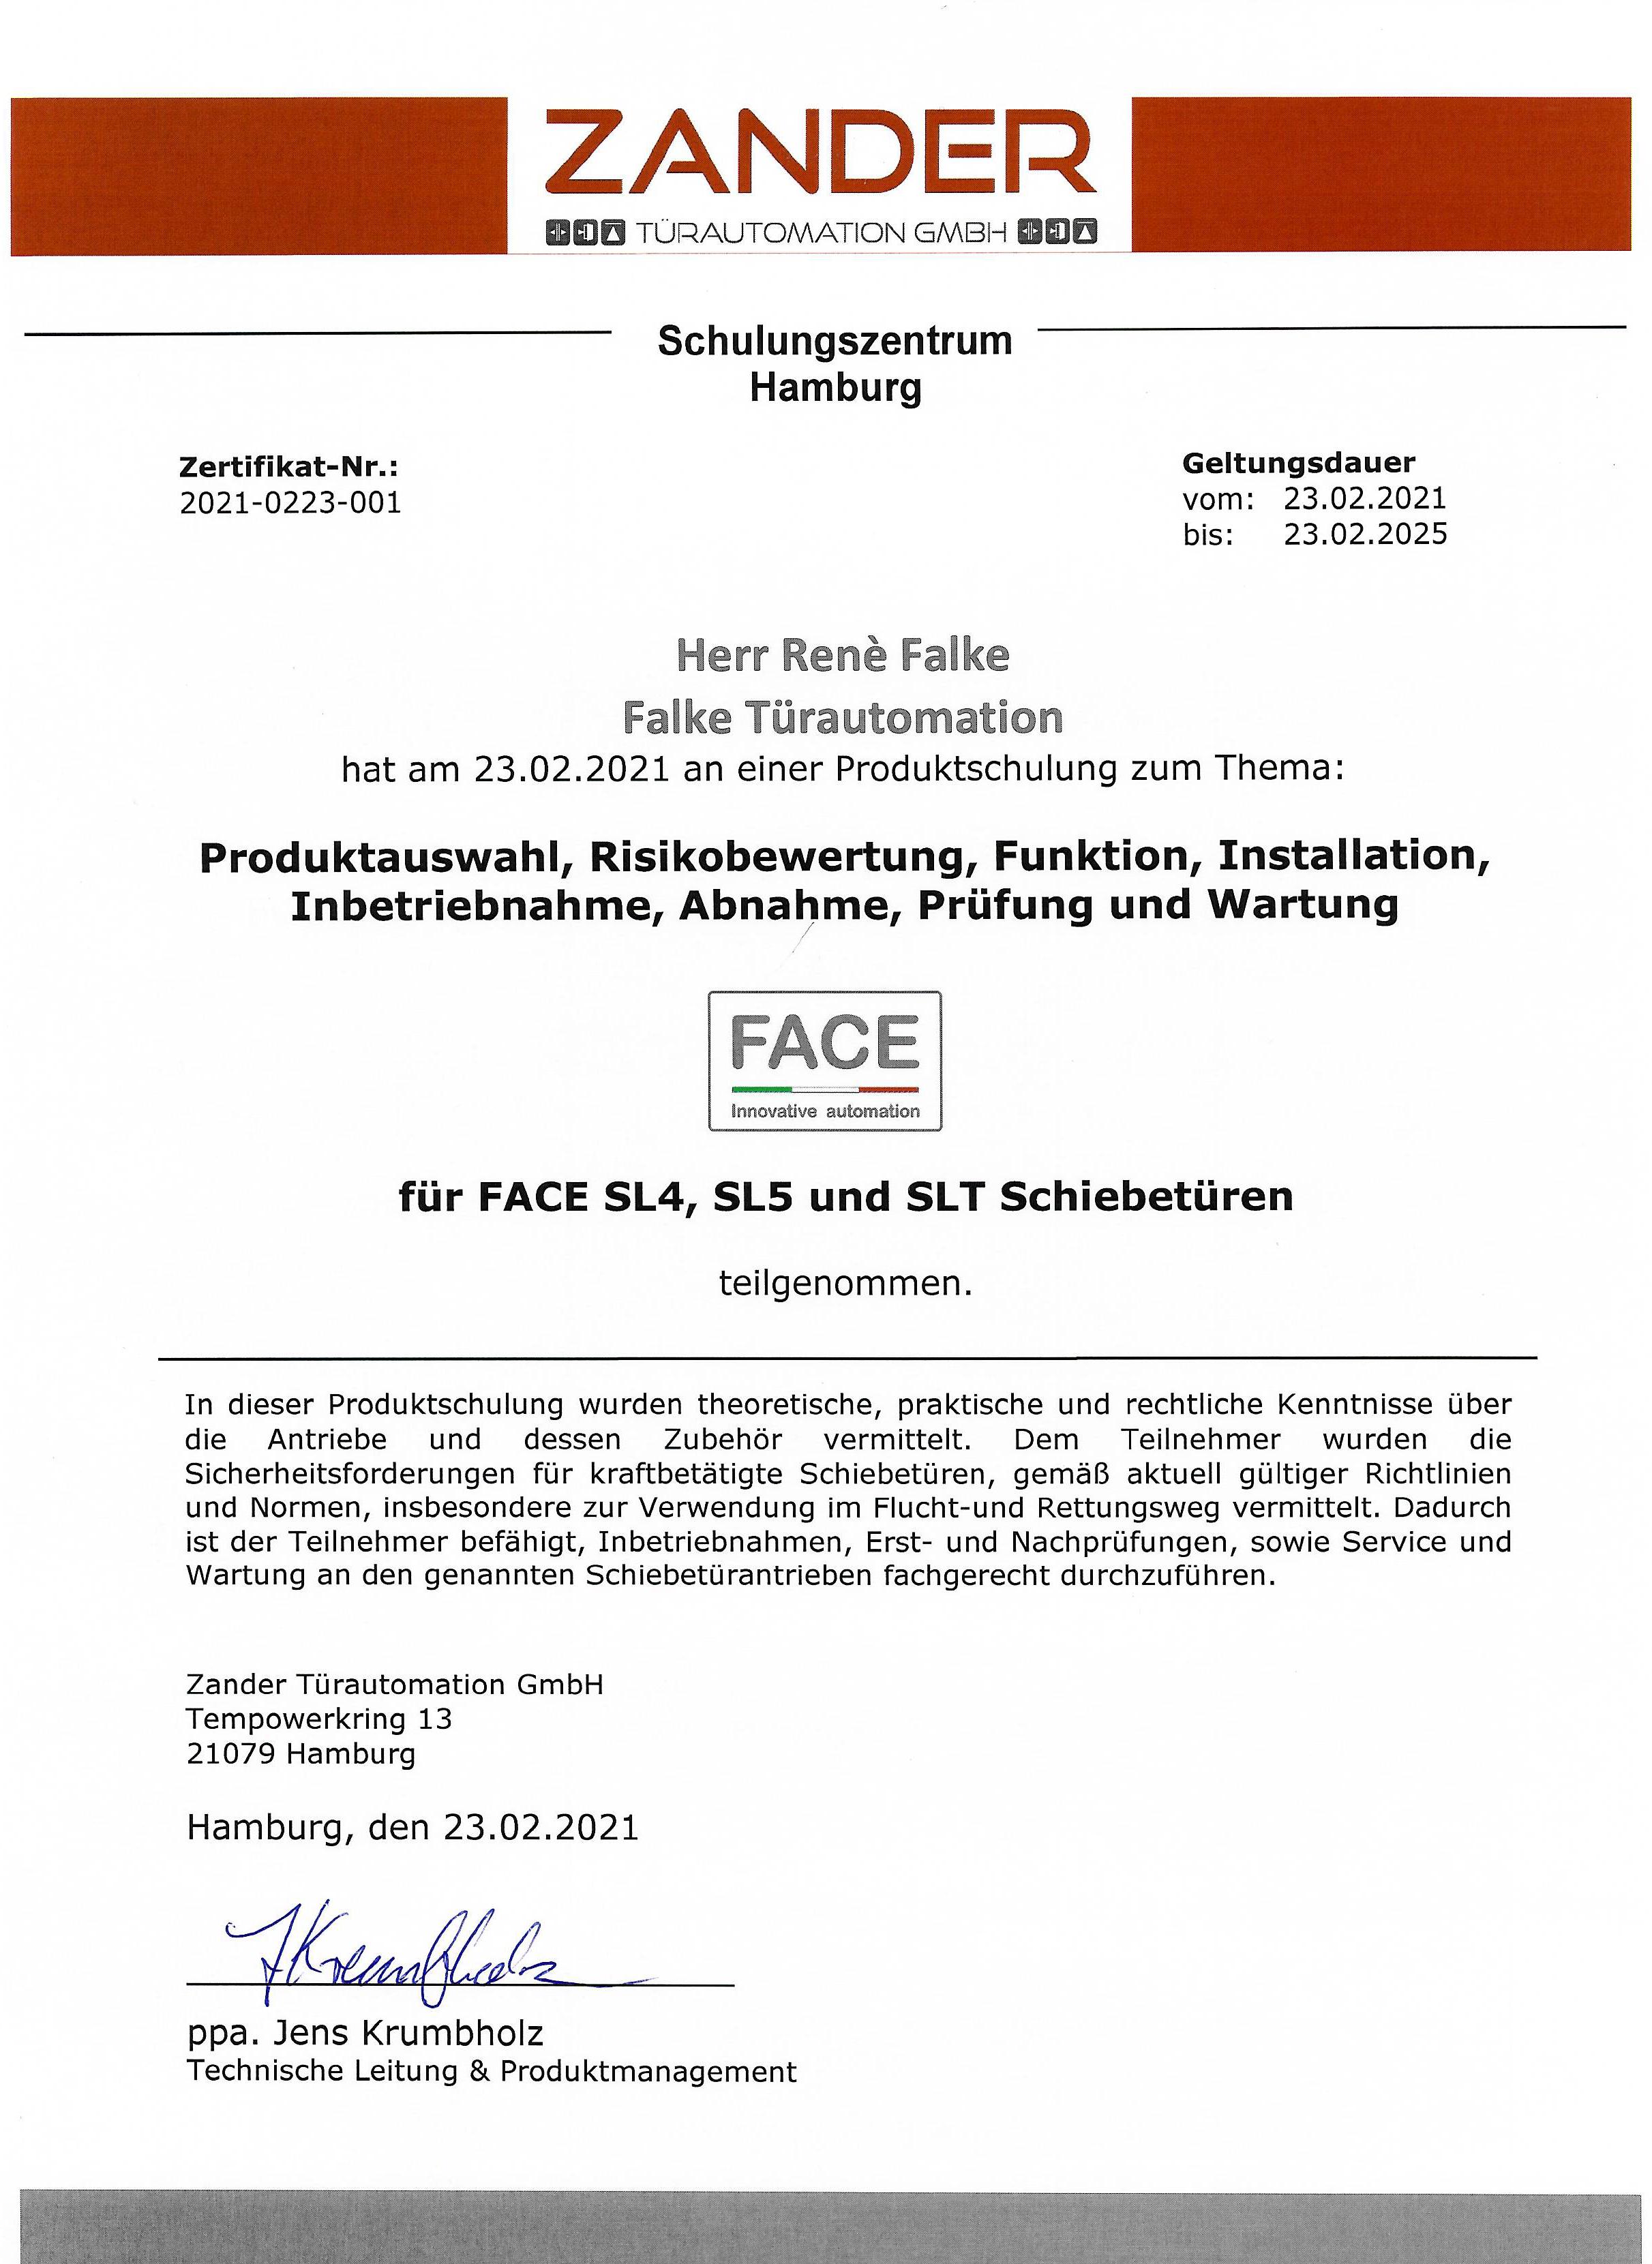 Produktschulung: für FACE SL4, SL5 und SLT Schiebetüren